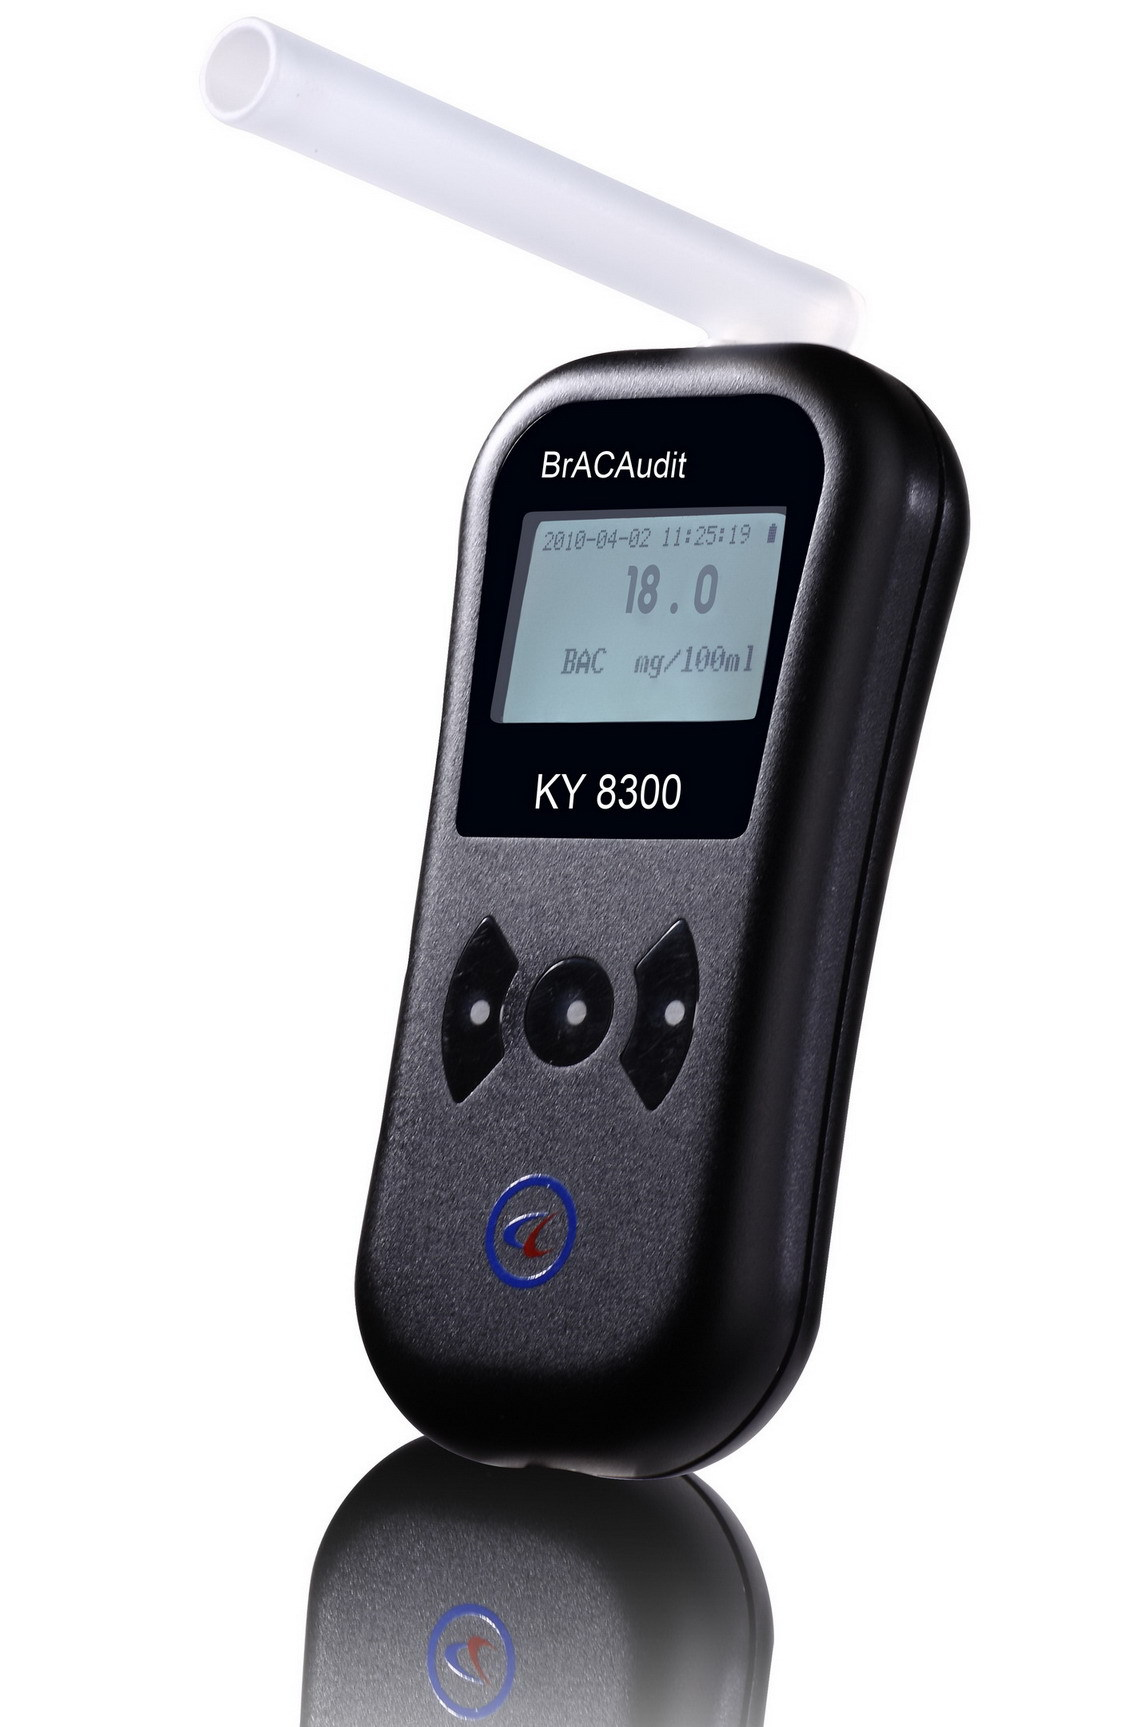 Алкоголя в выдыхаемом воздухе концентрация детектор KY8300 быстрая ручной осмотр инструмент вина № 3 электрохимические